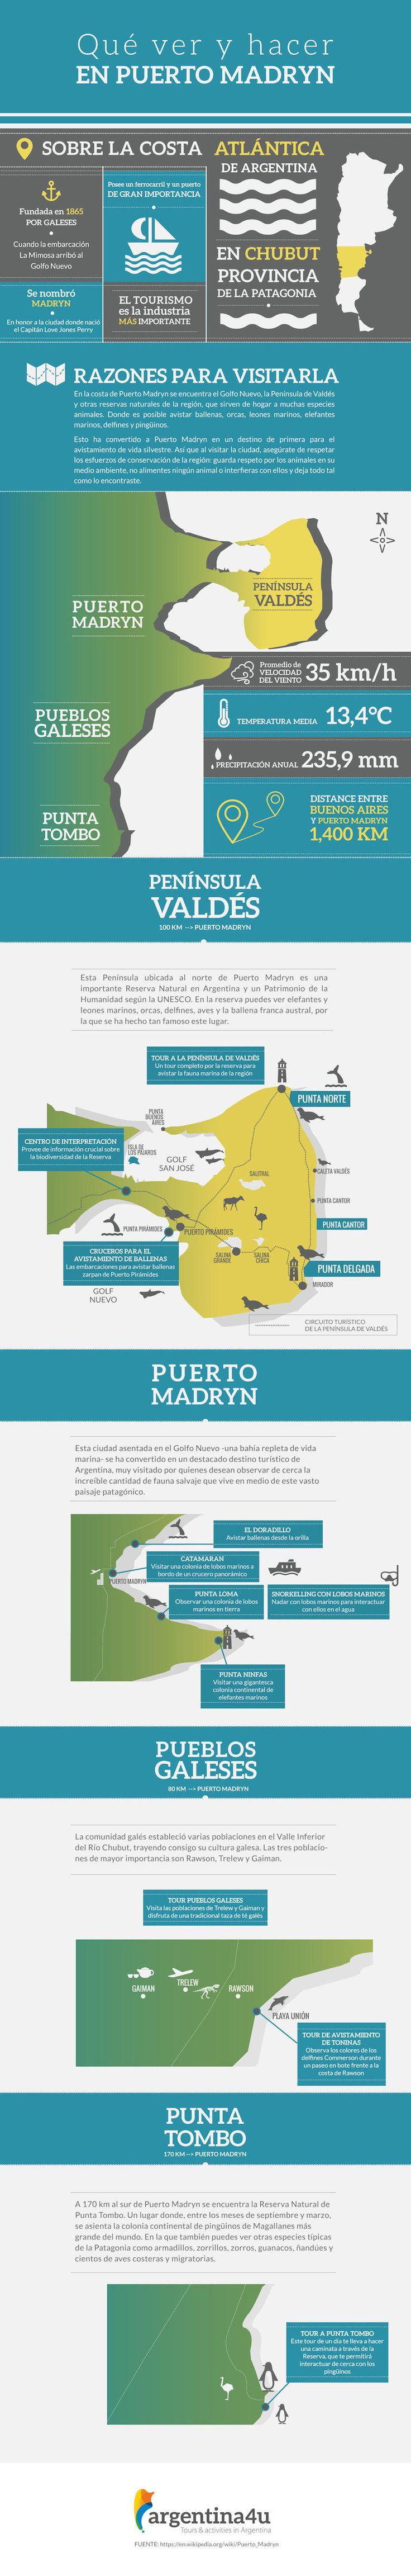 Infográfico cosas que hacer en Puerto Madryn